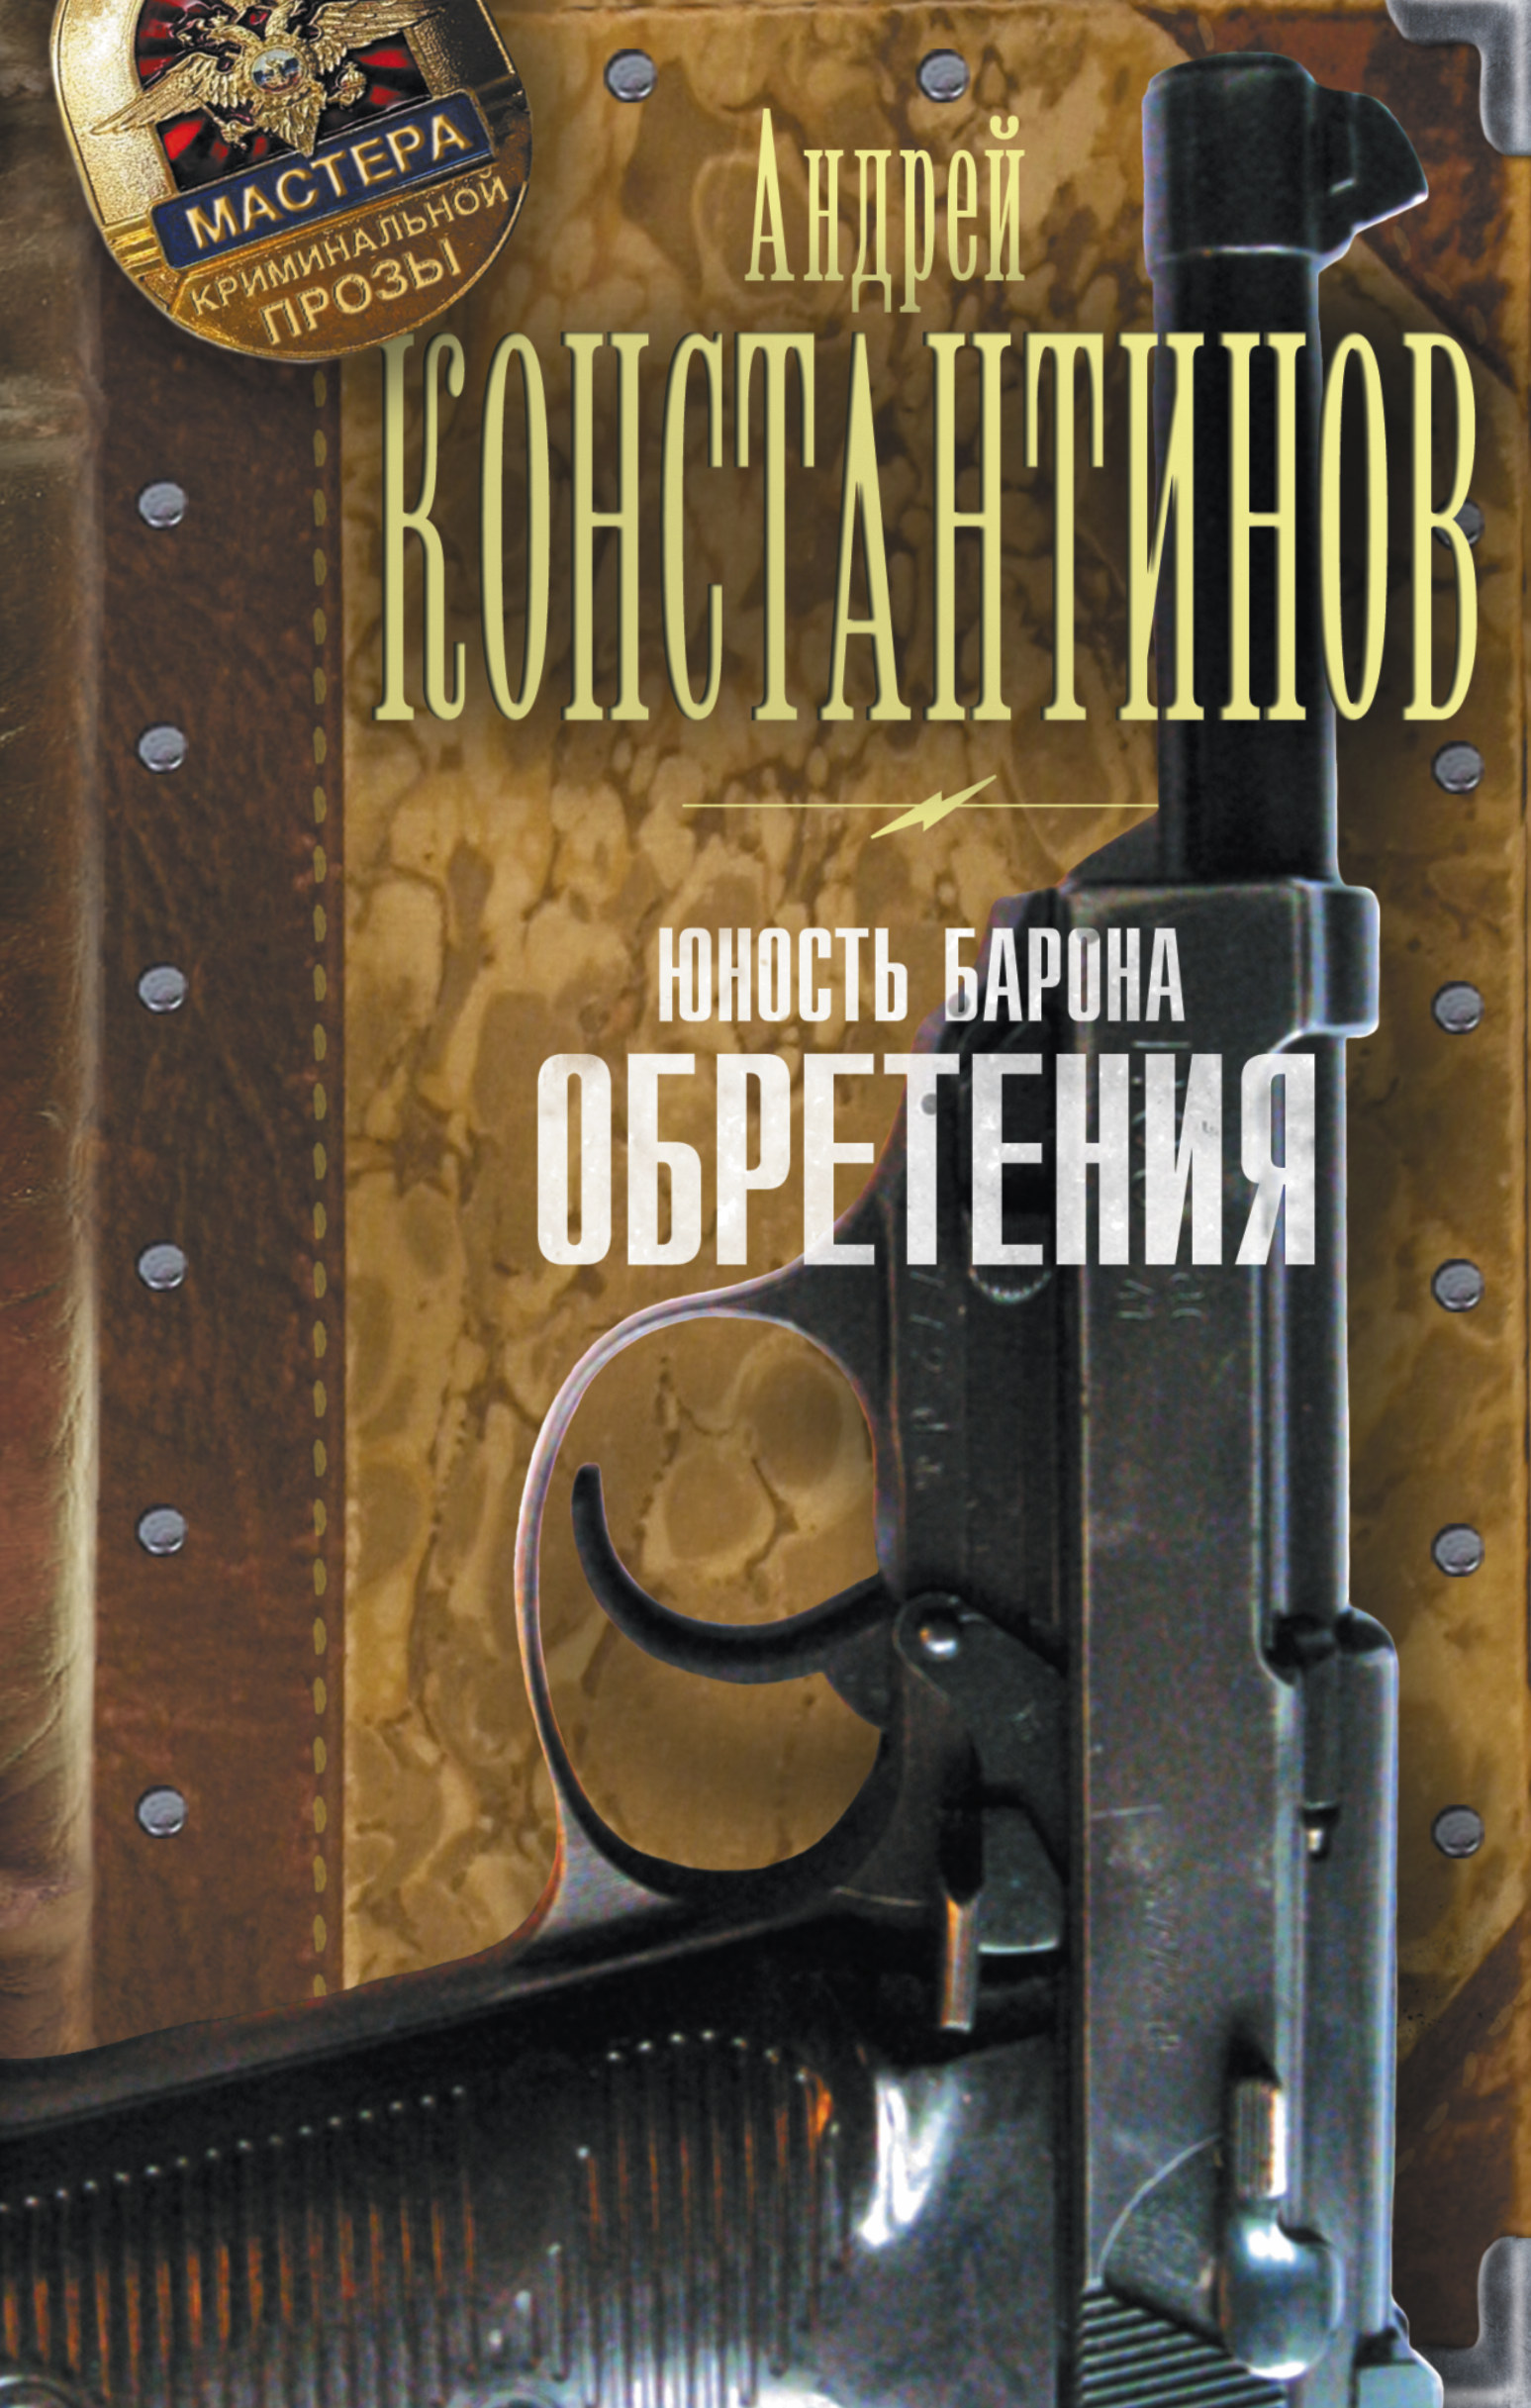 Константинов А.Д. Юность барона. Обретения  недорого